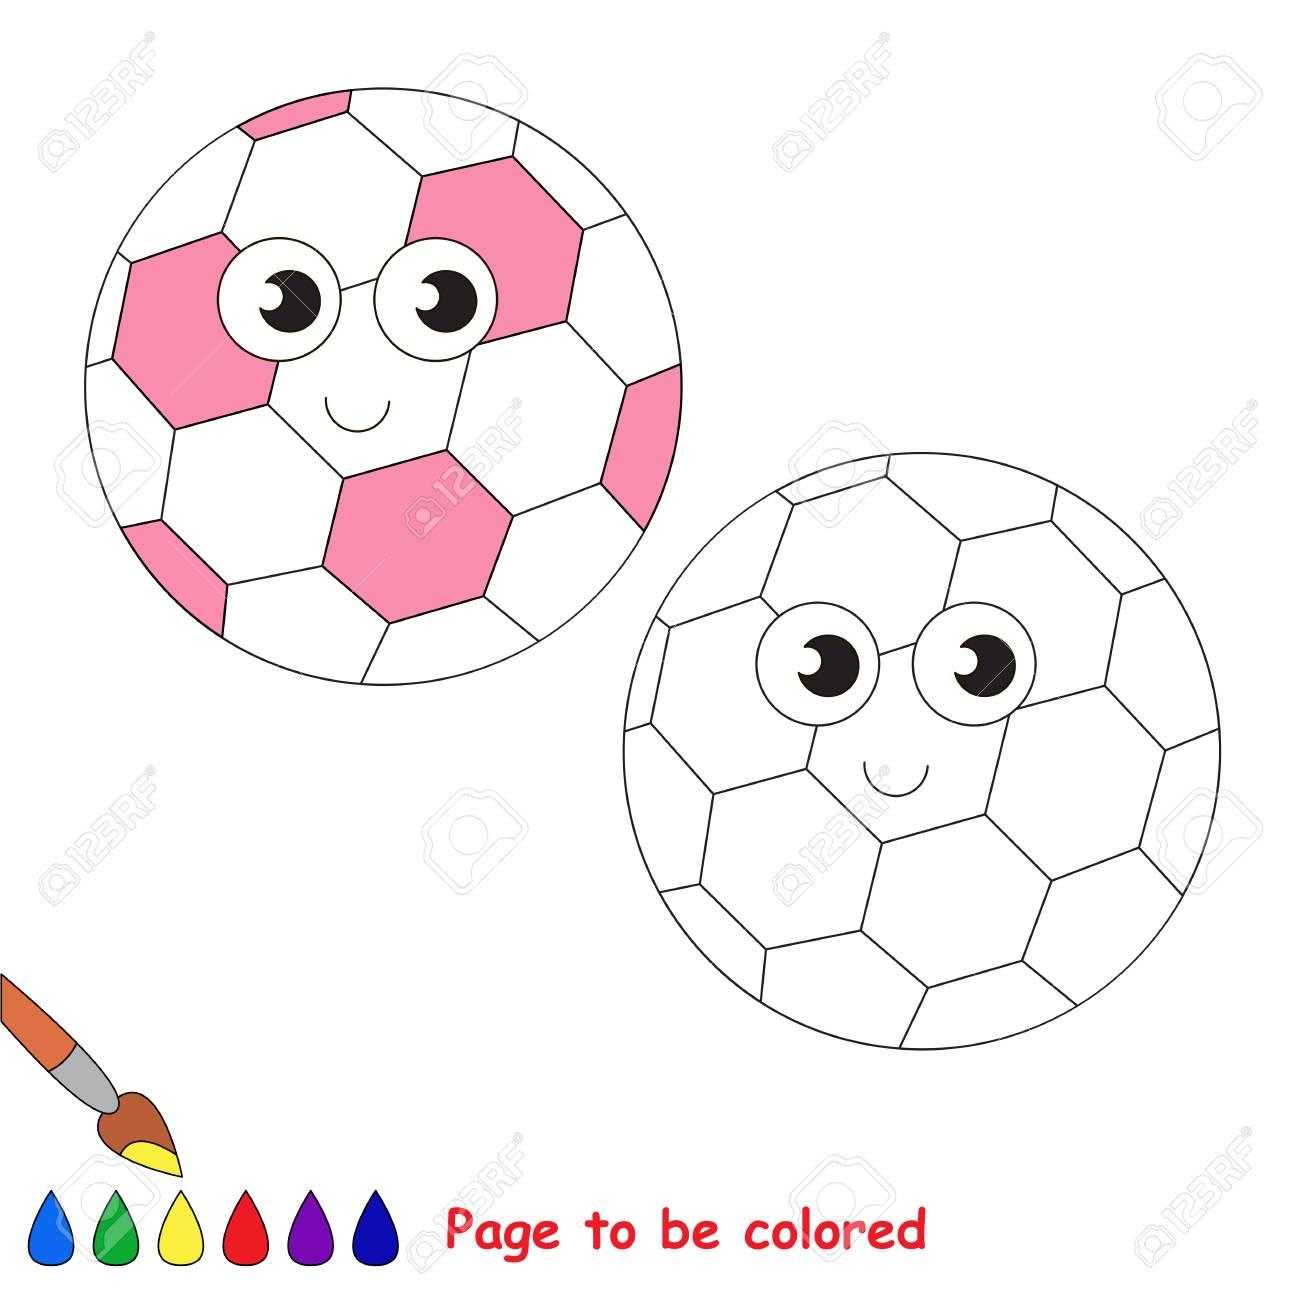 Pelota De Fútbol Rosa Divertido Para Colorear El Libro Para Colorear Para Niños En Edad Preescolar Con Fácil Nivel De Juego Educativo